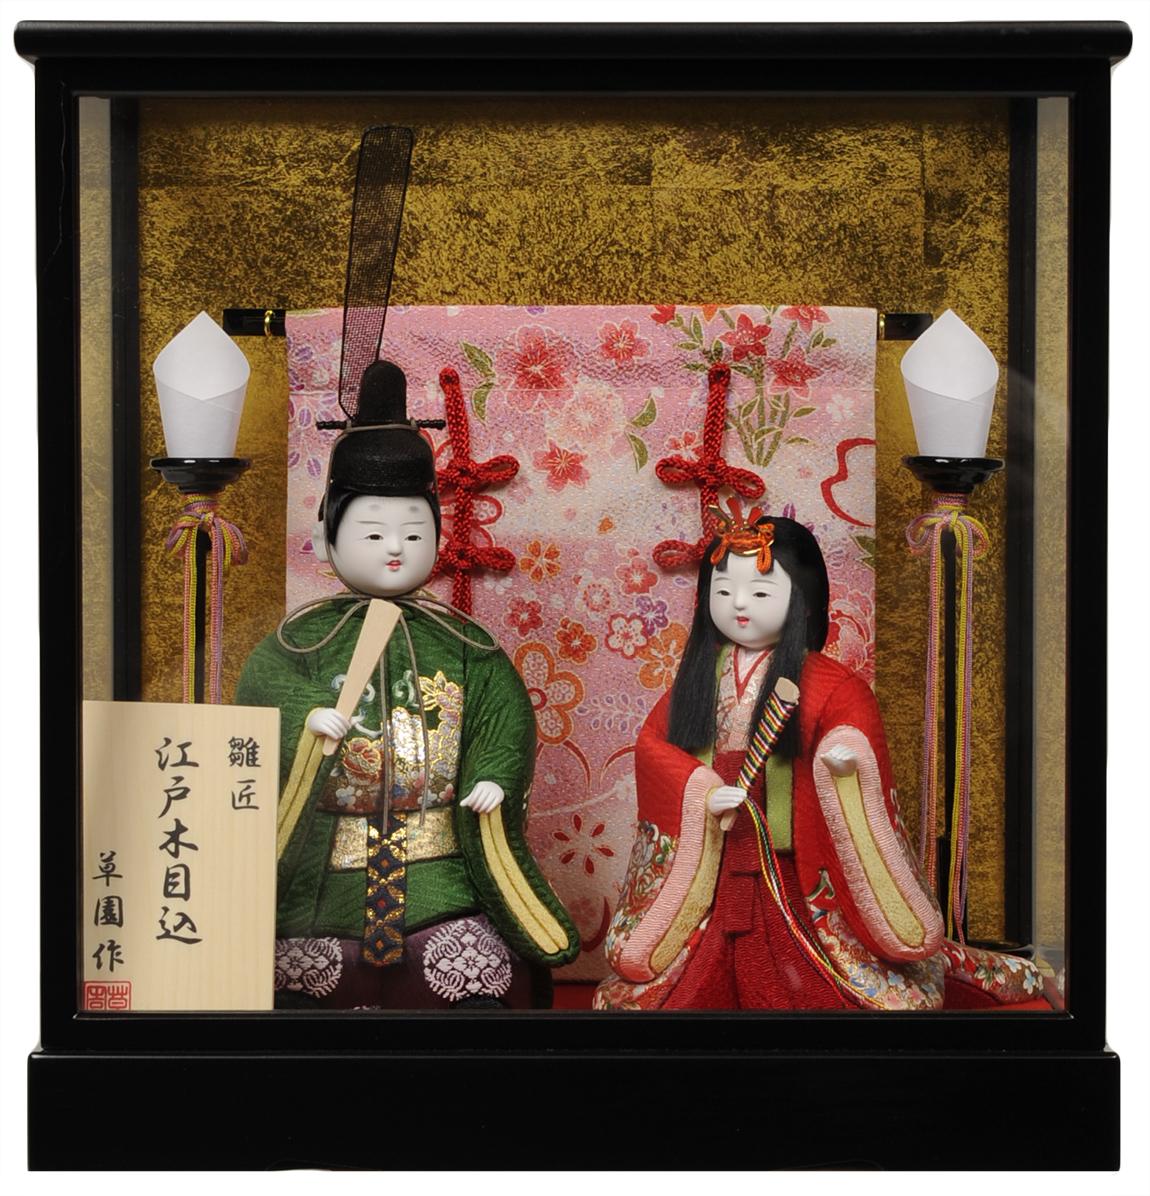 【雛人形】【木目込ケース入】木目込人形:春日雛-B:伏見屋監修【ひな人形】